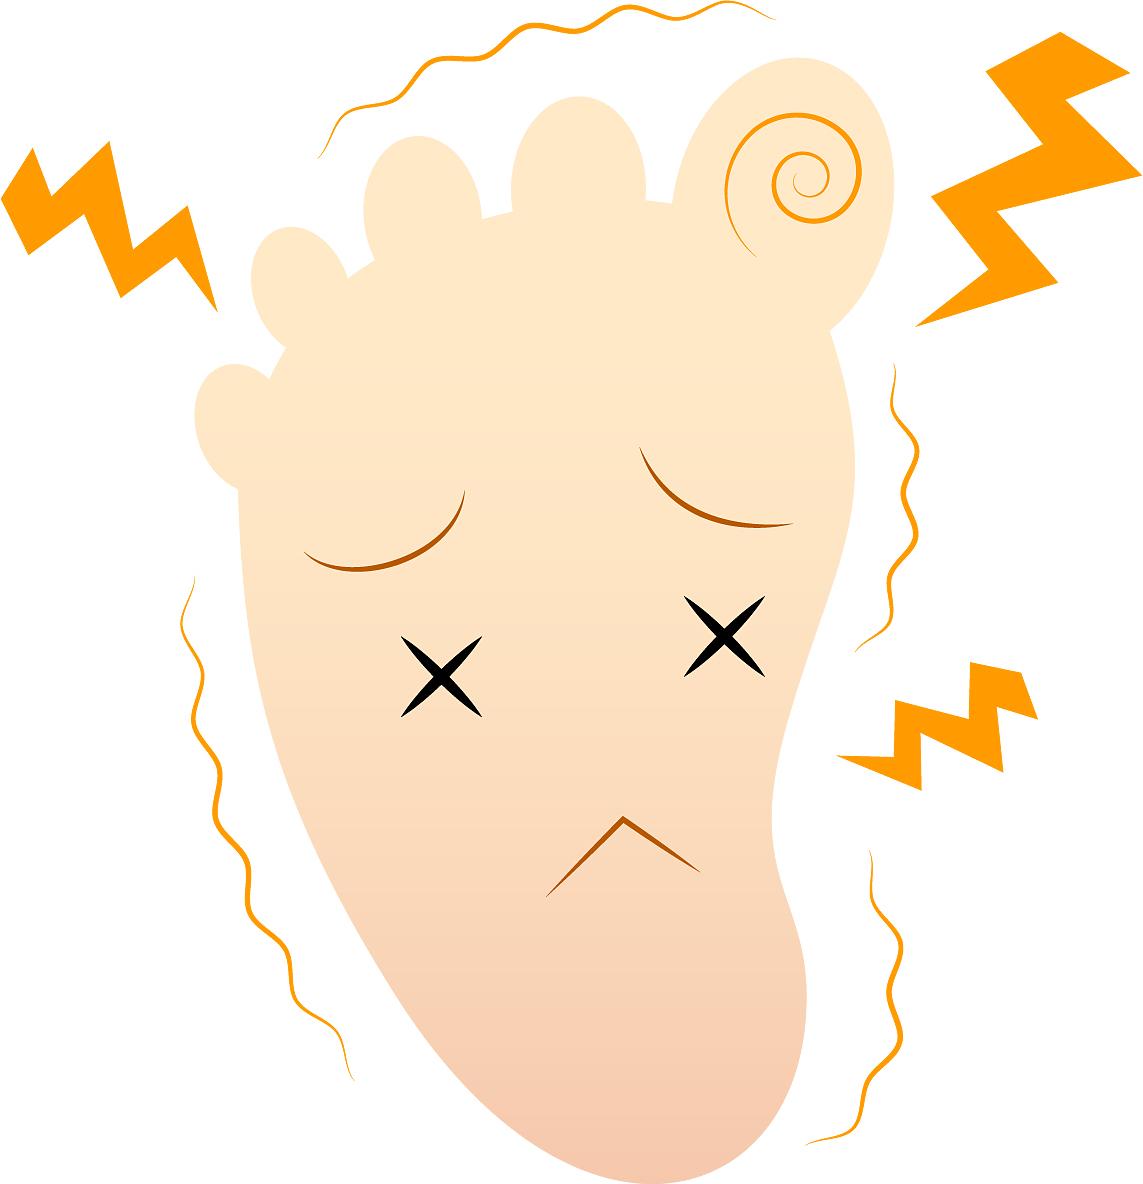 痛風体験談 大西さん編②悪夢の痛風発作。布団が触れても痛い